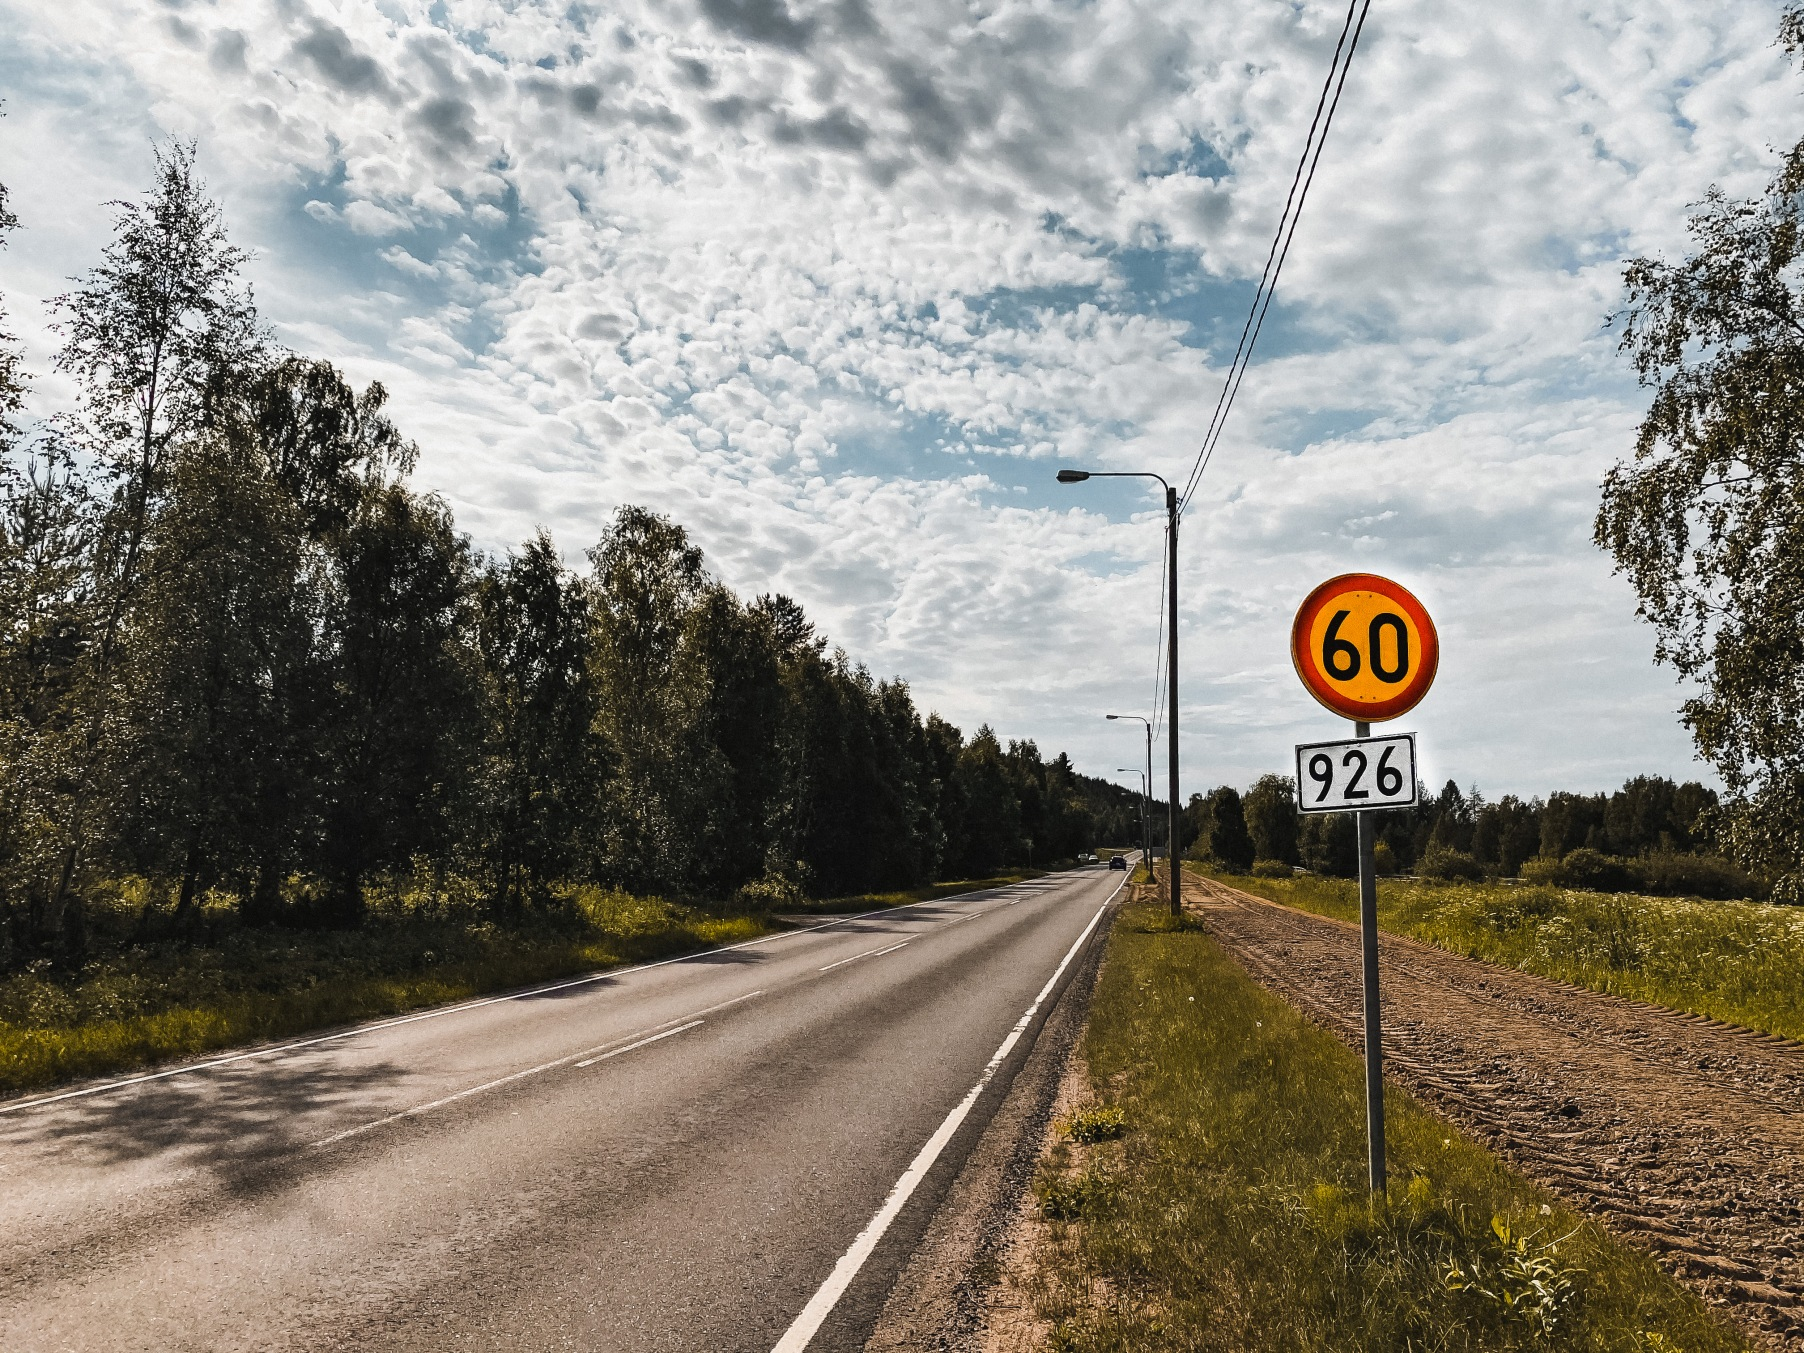 ograniczenia prędkości w Finlandii